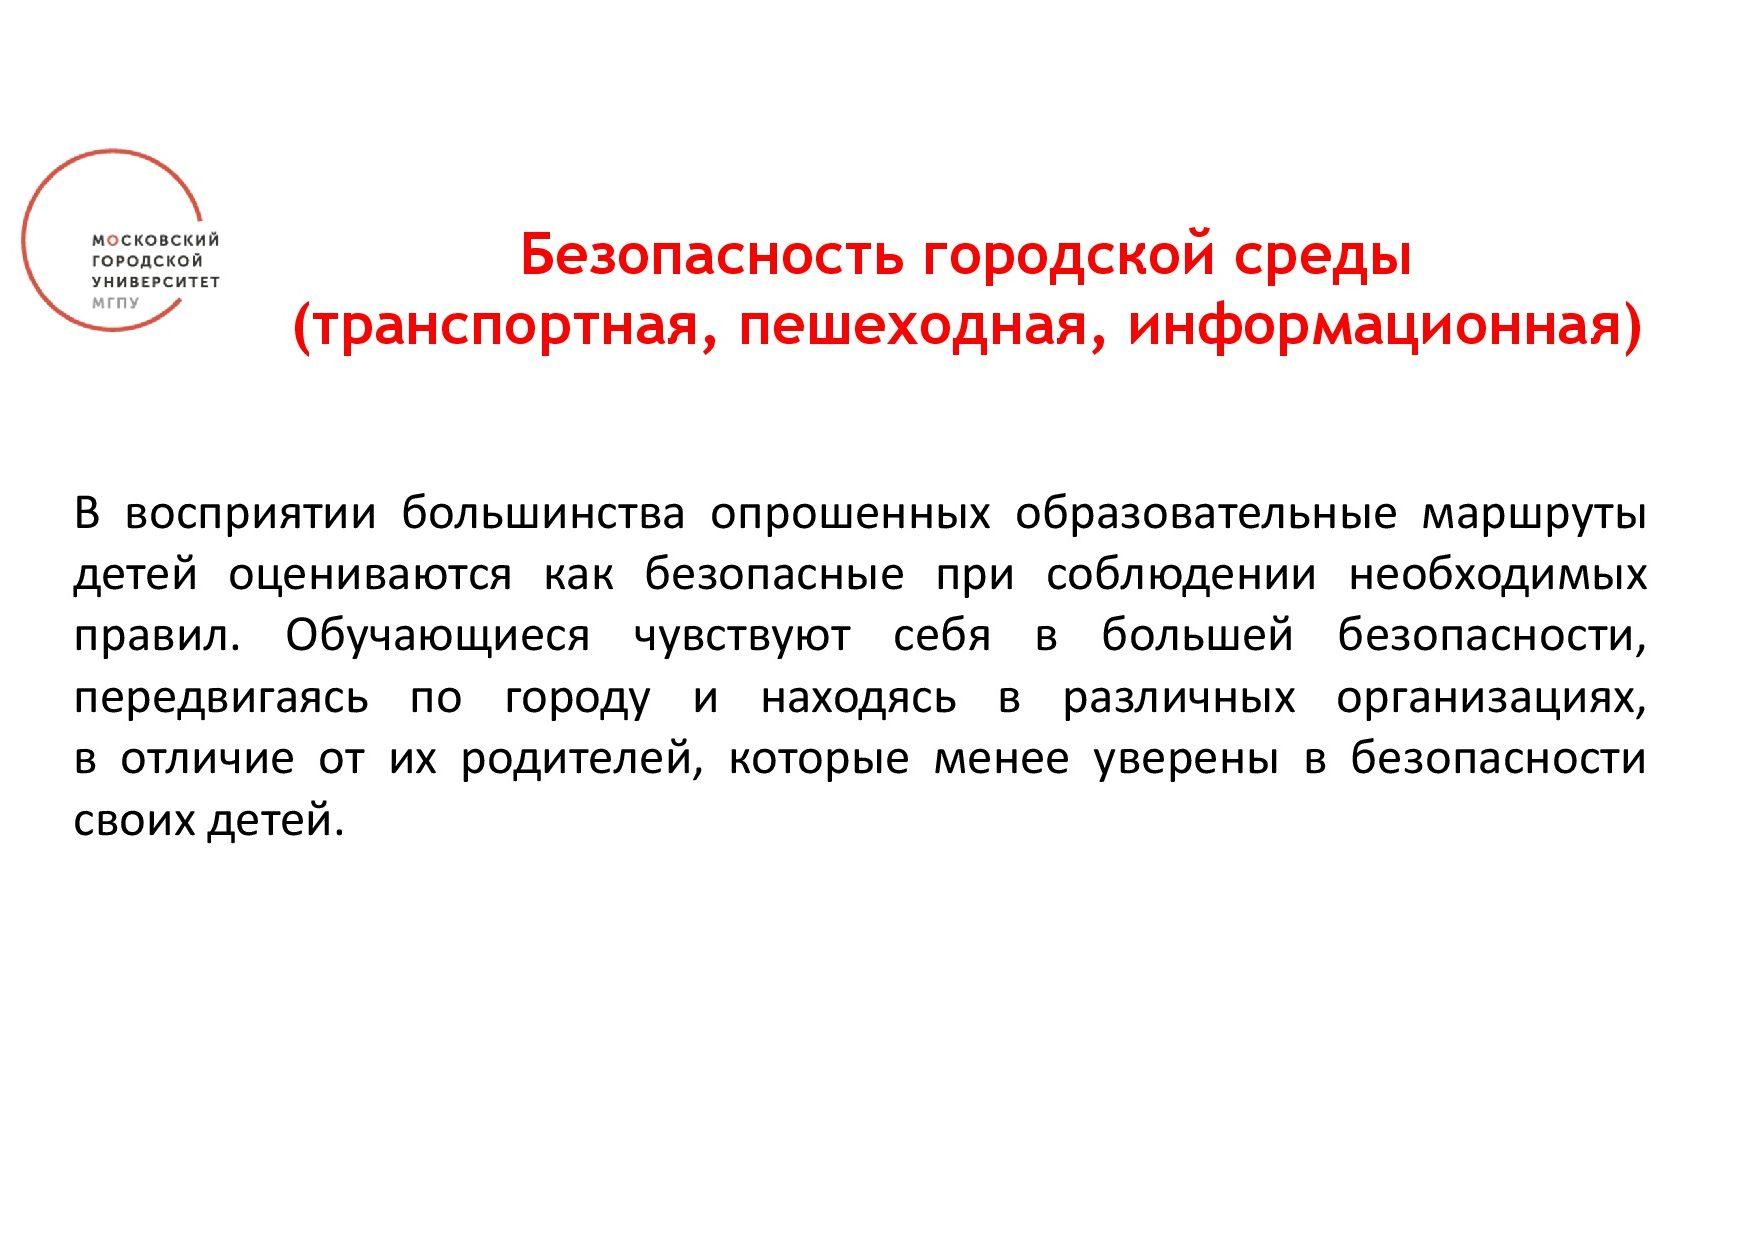 Презентация на МГК -Иванова ЕВ-020